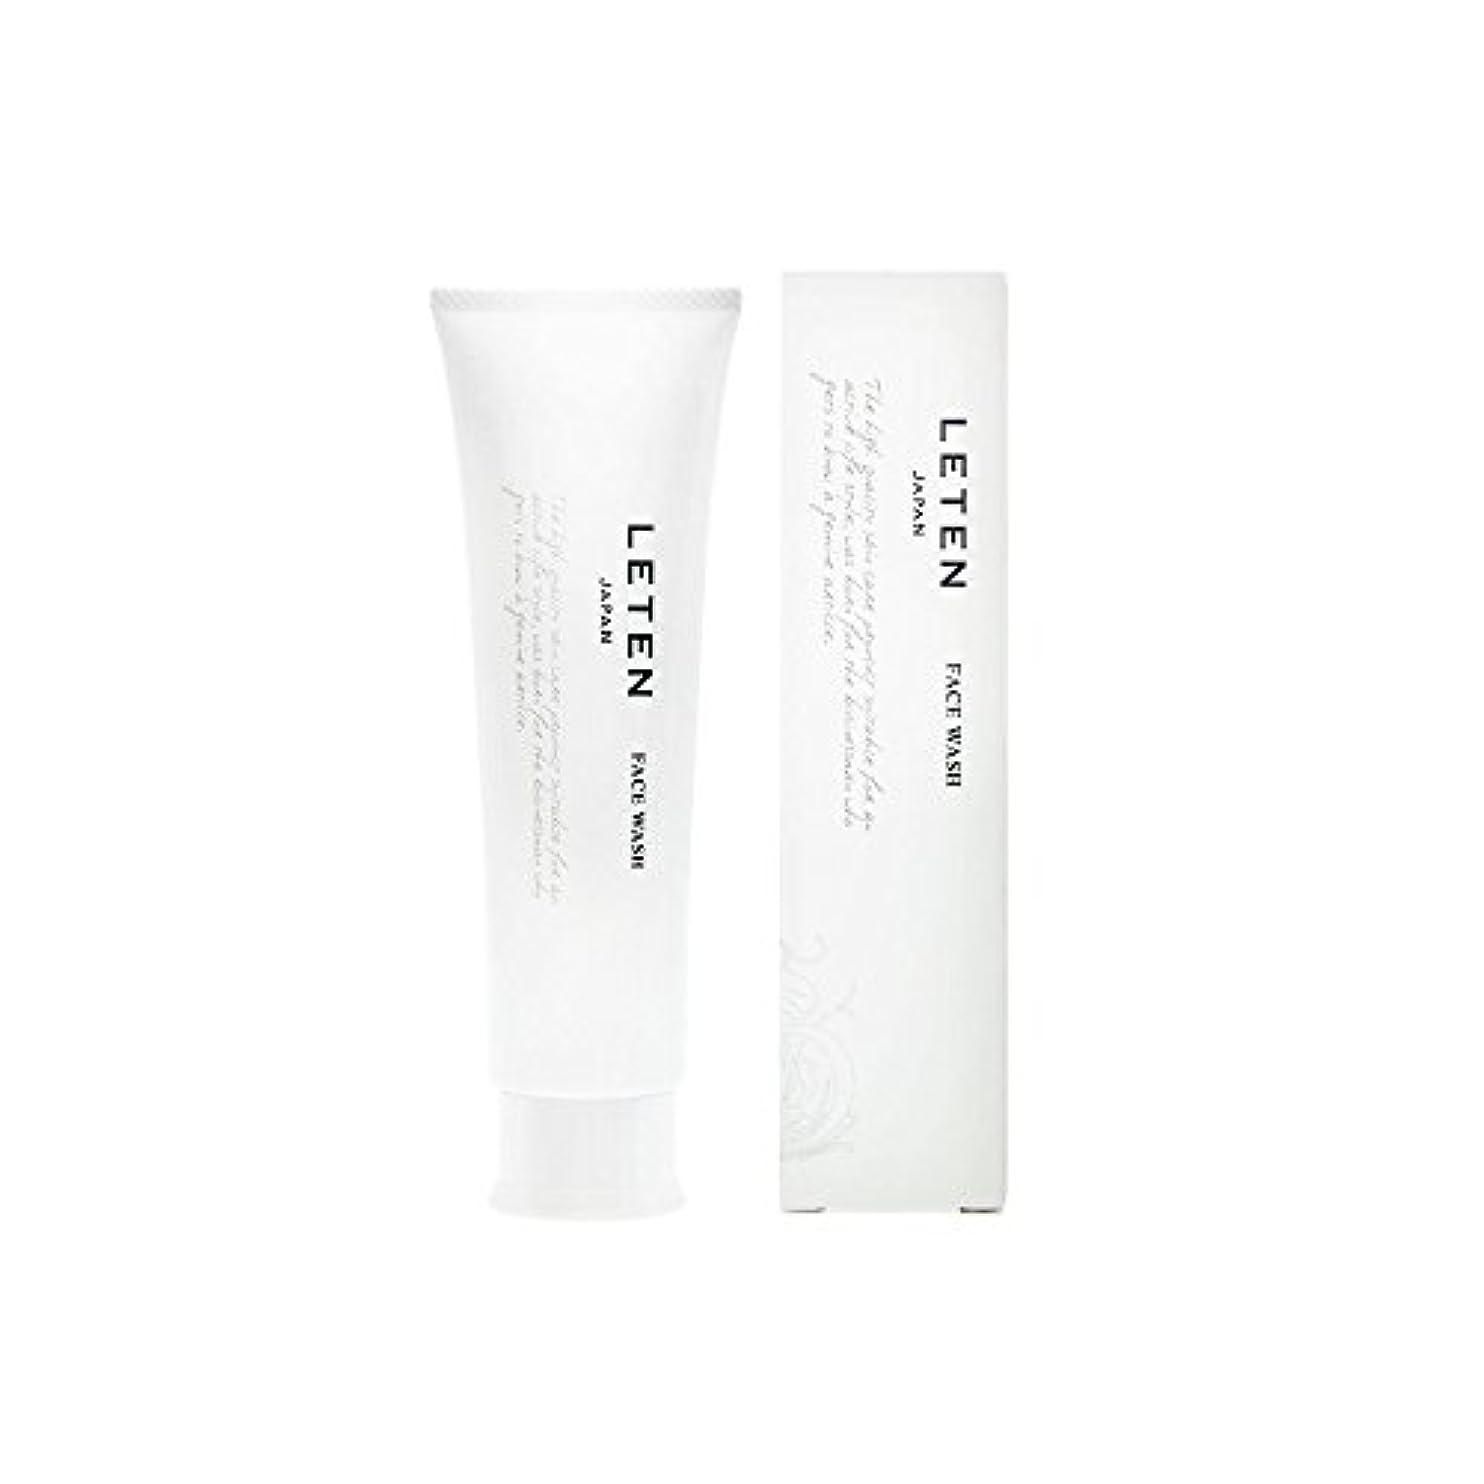 是正するボウリング教室レテン (LETEN) フェイスウォッシュ 100g 洗顔フォーム 洗顔料 敏感肌